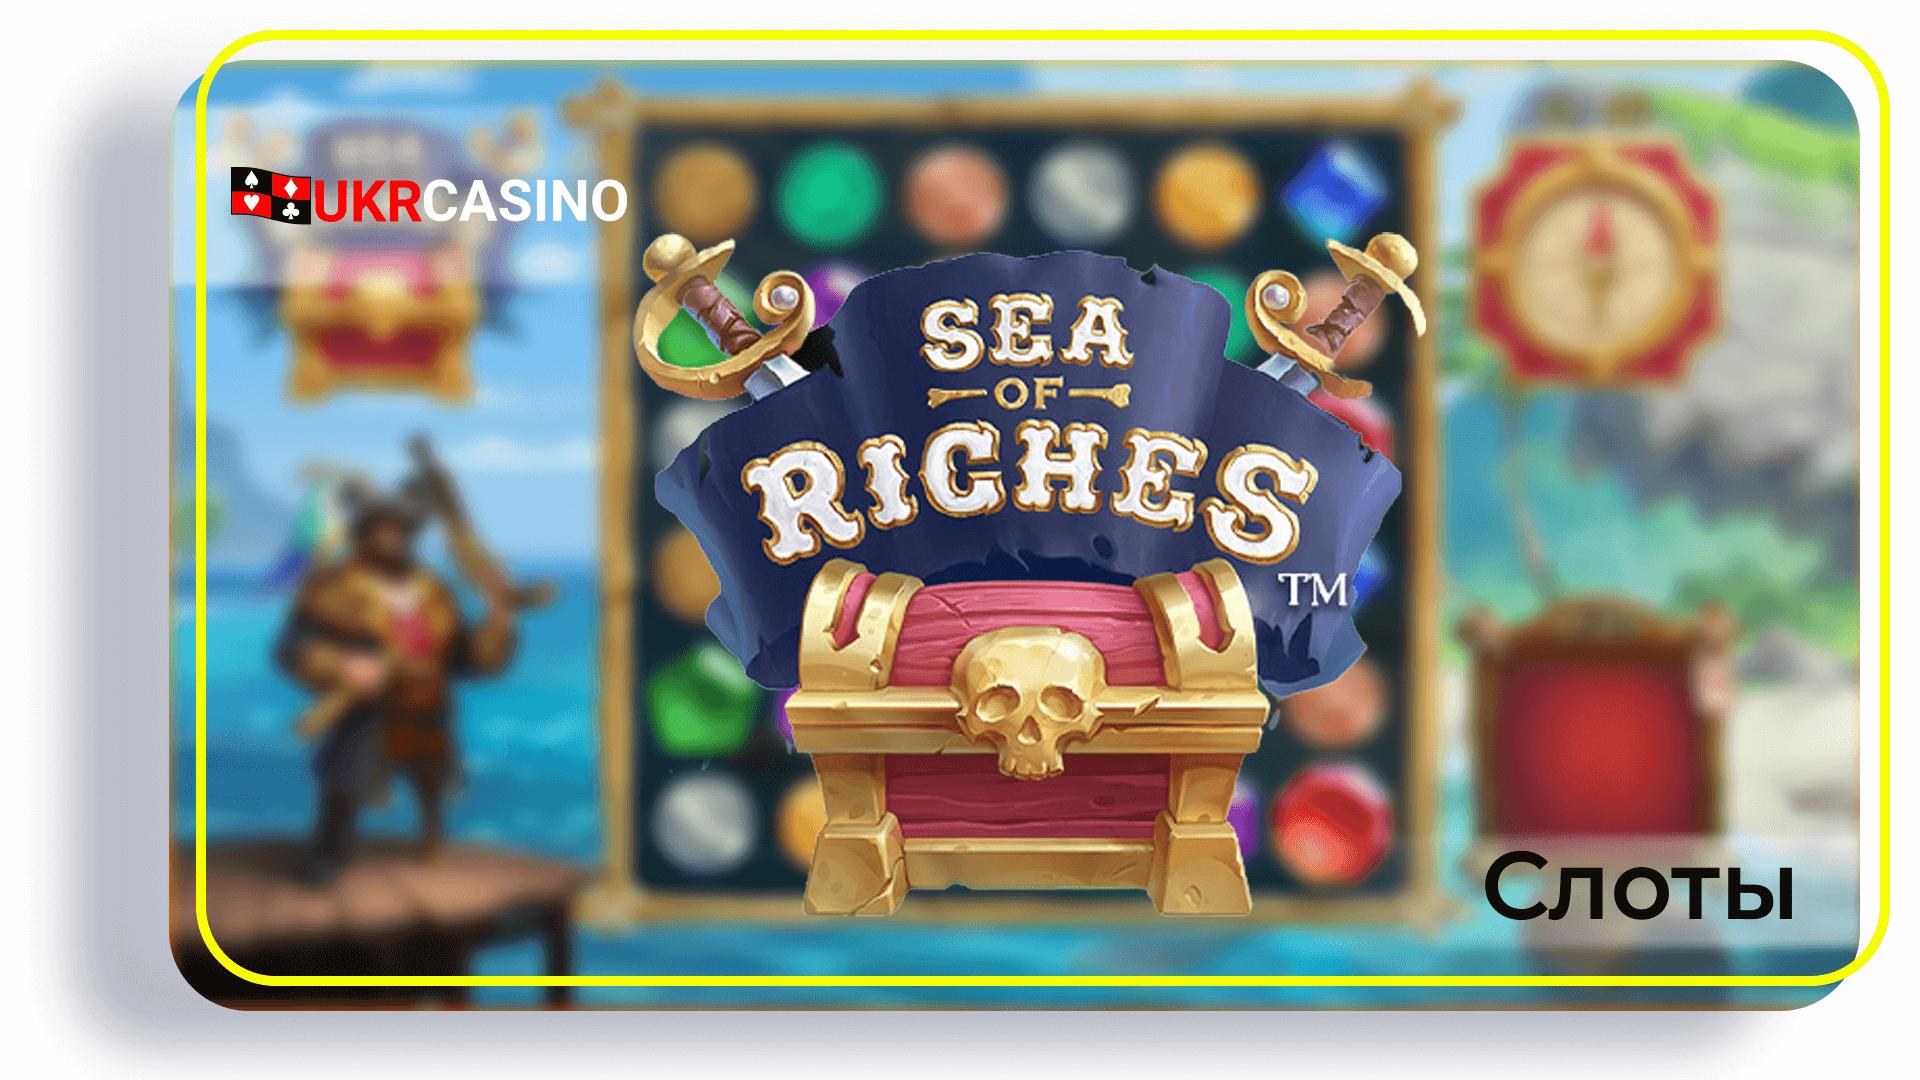 Онлайн-слот Sea of Riches от провайдера iSoftBet